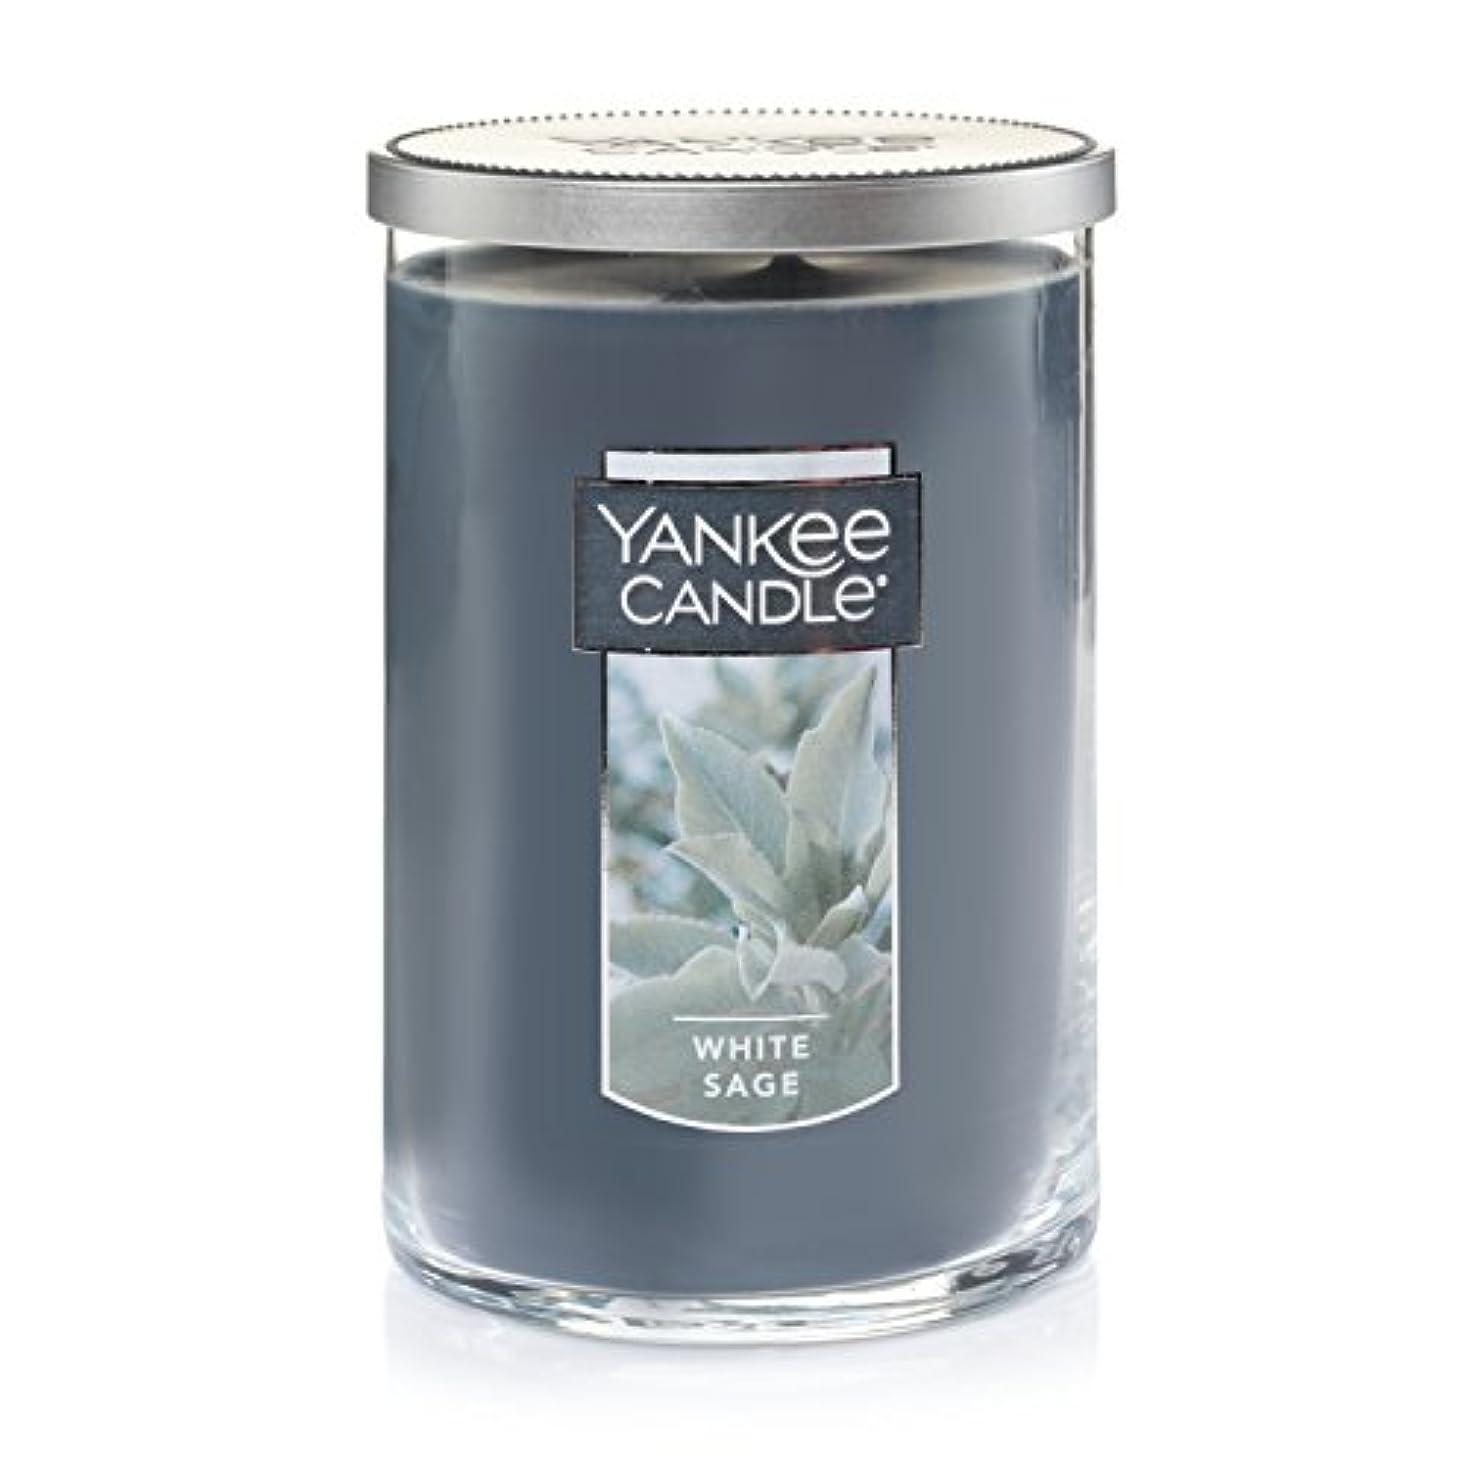 重々しいぼんやりした目を覚ますYankee Candleホワイトセージ Large 2-Wick Tumbler Candles 1556031-YC